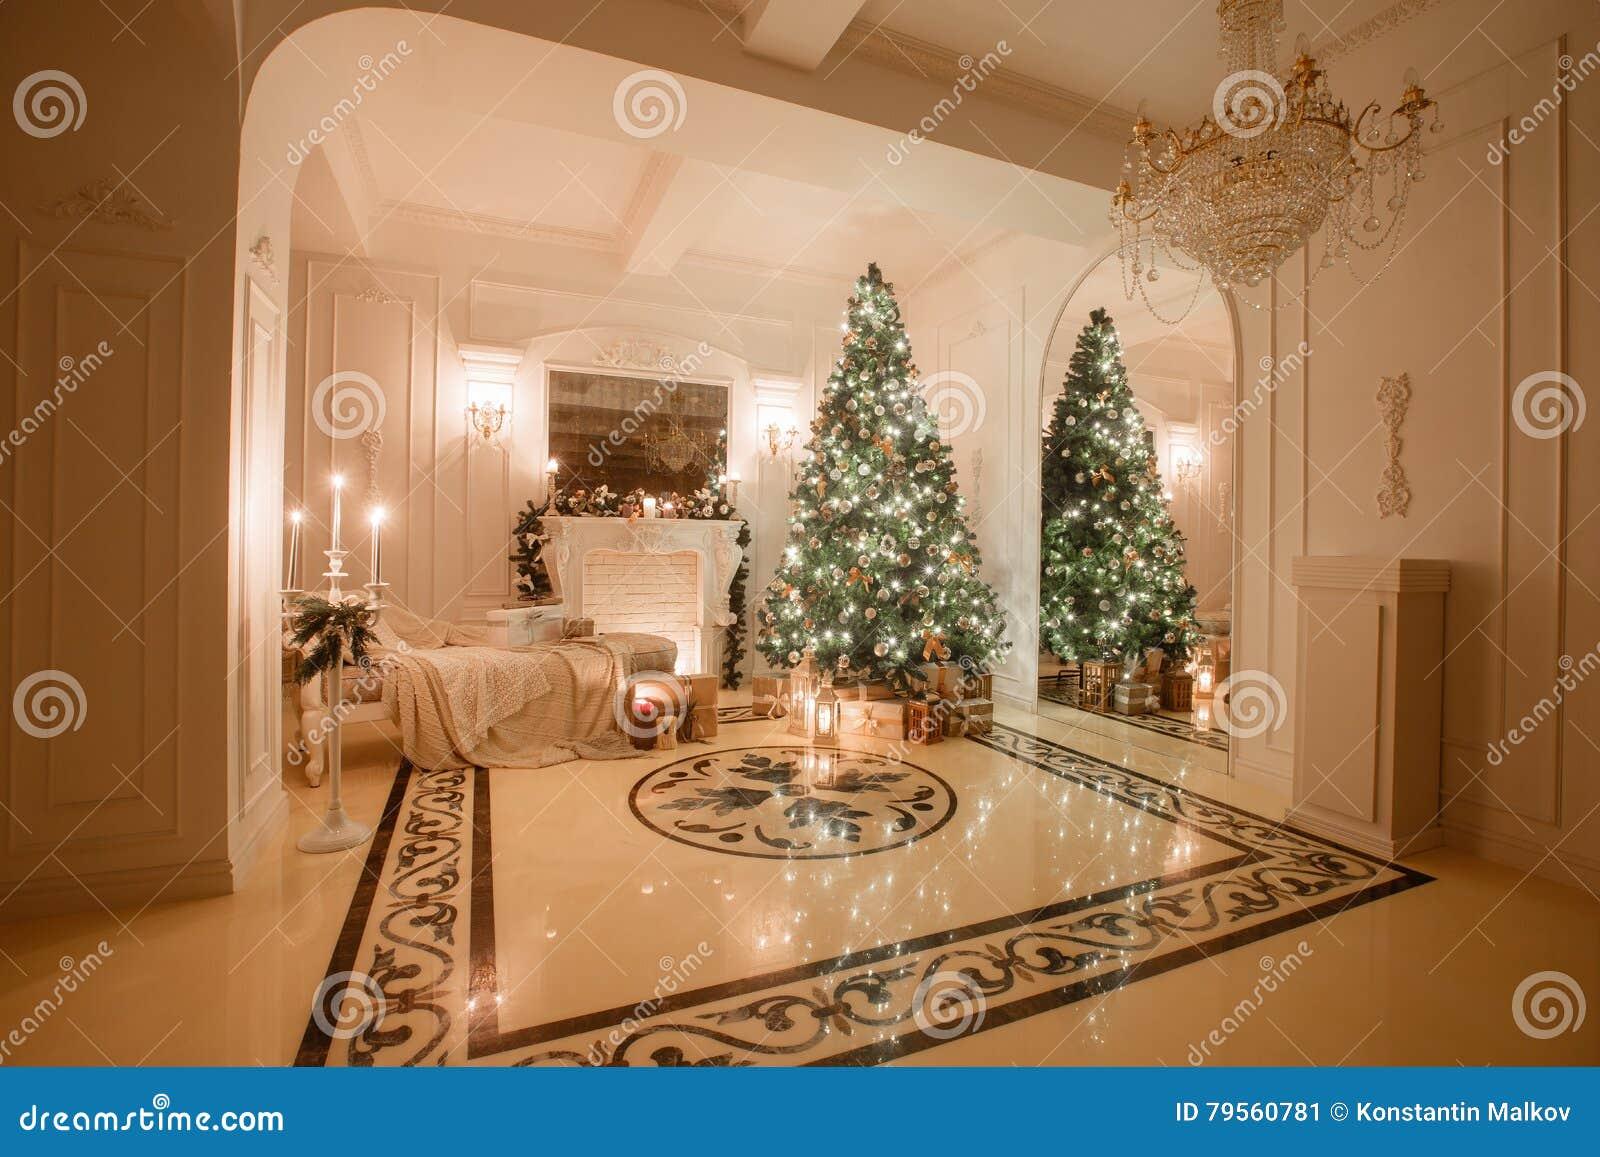 Natale che anche dal lume di candela appartamenti classici con un camino bianco albero decorato - Finestre decorate per natale ...